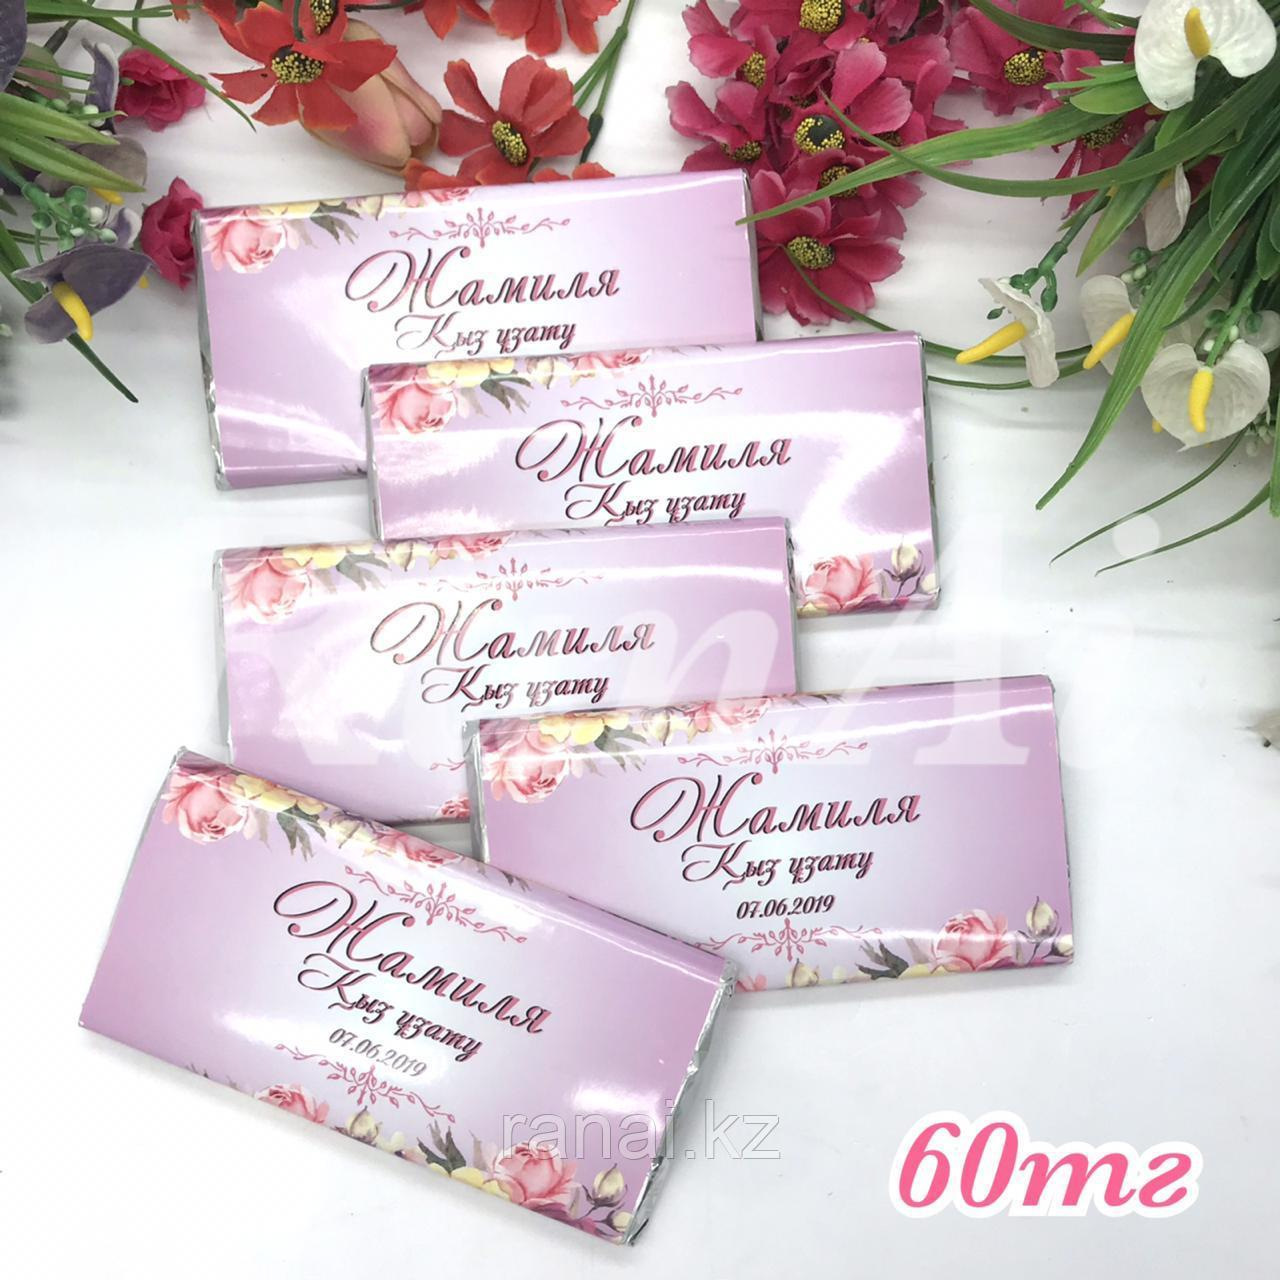 Обертки для шоколада на свадьбу  18х8,9см